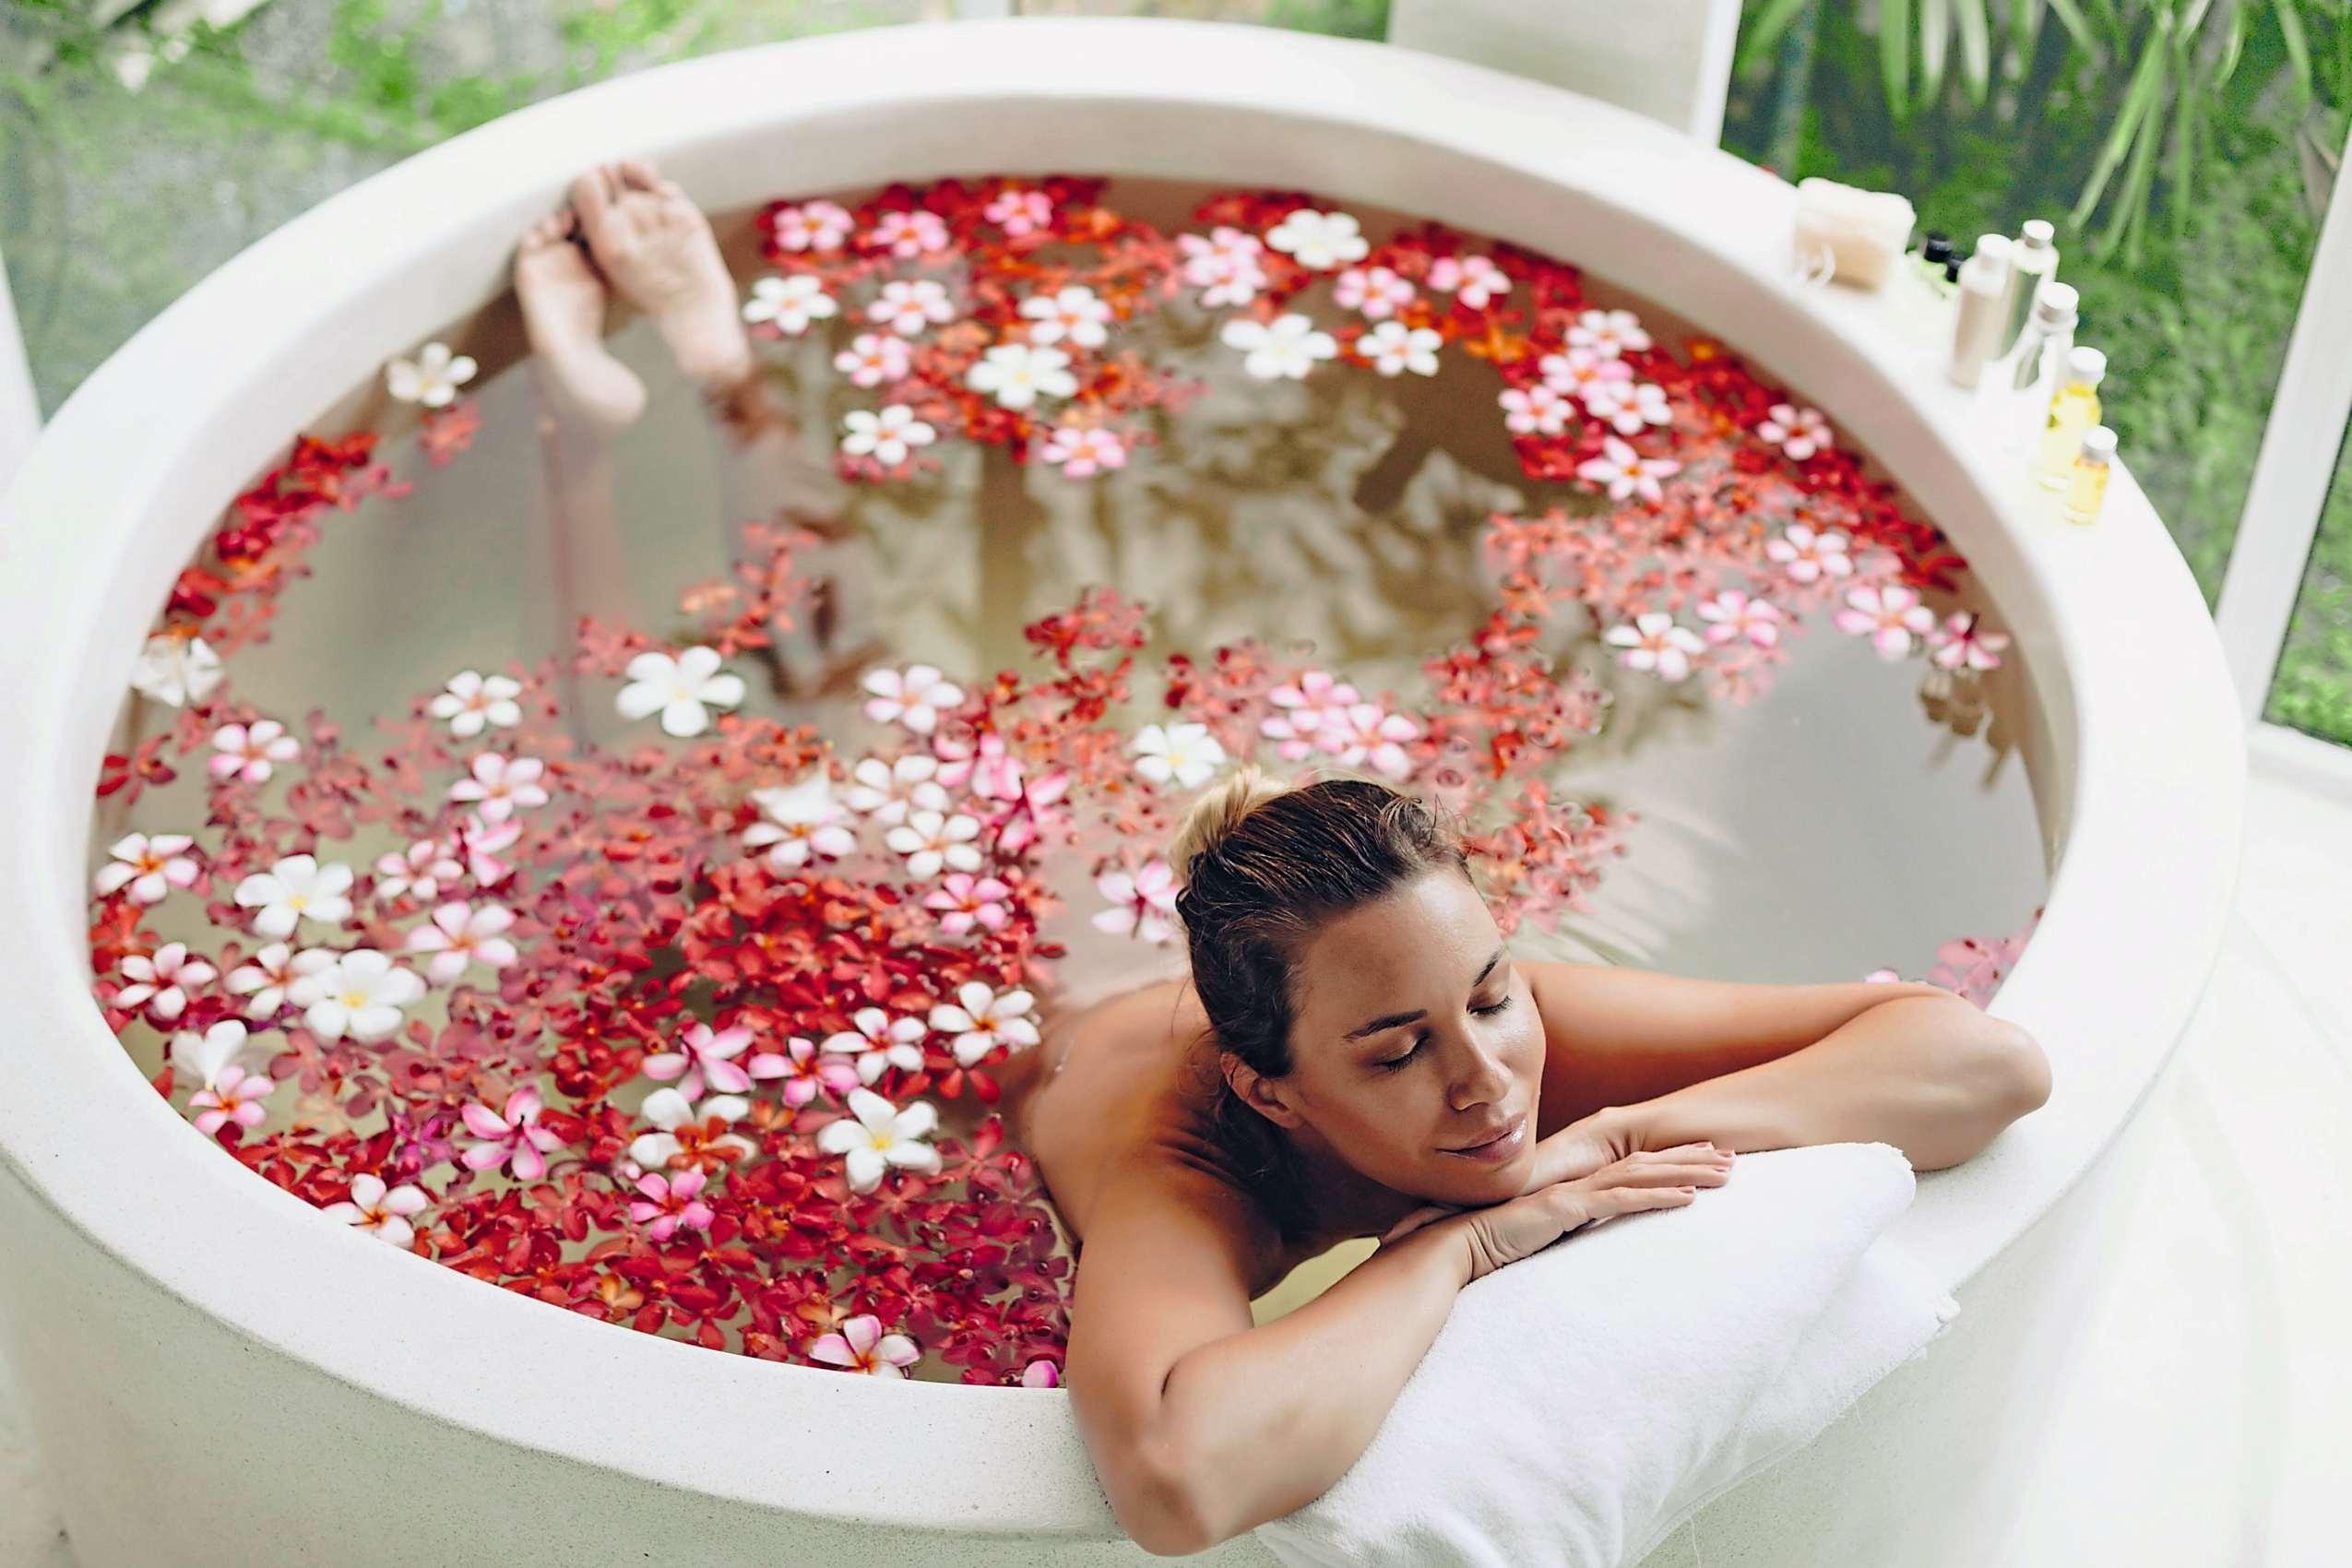 Symbolbild Wellnessurlaub: Frau liegt in einer Badewanne mit Blumen